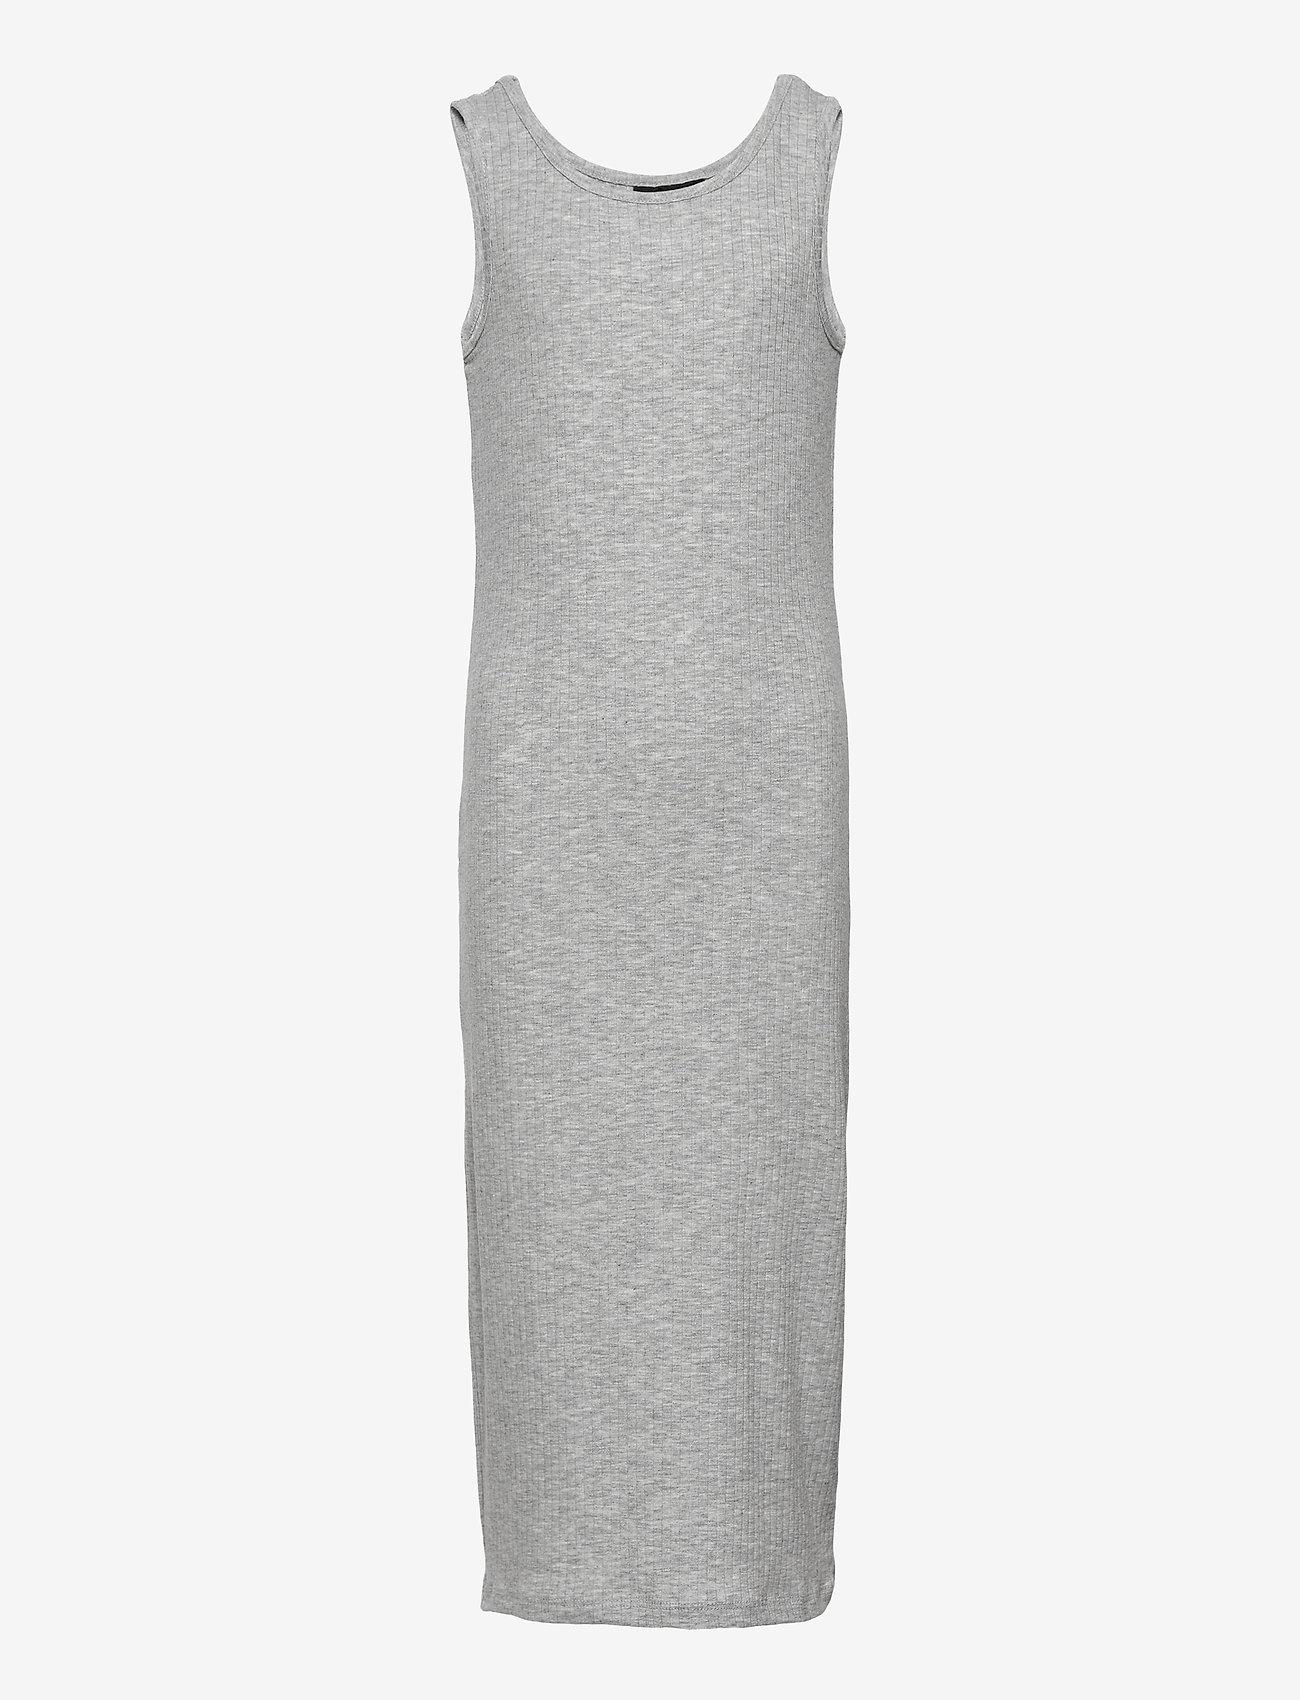 LMTD - NLFNUNNE SL MAXI DRESS - kleider - light grey melange - 0